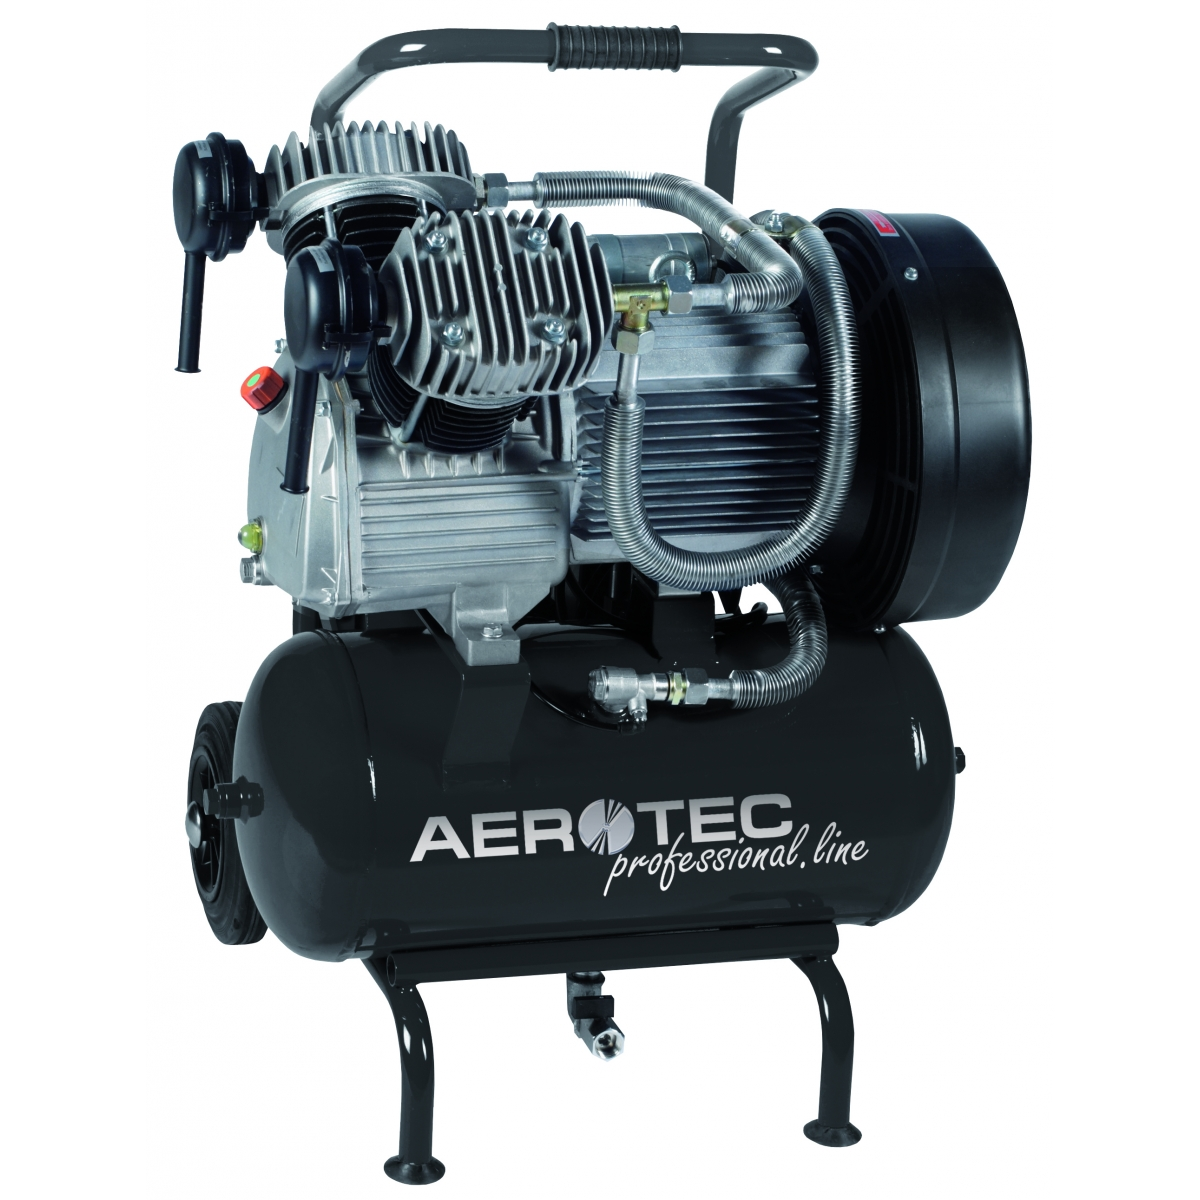 aerotec industrie montage kompressor druckluft kolbenkompressor. Black Bedroom Furniture Sets. Home Design Ideas